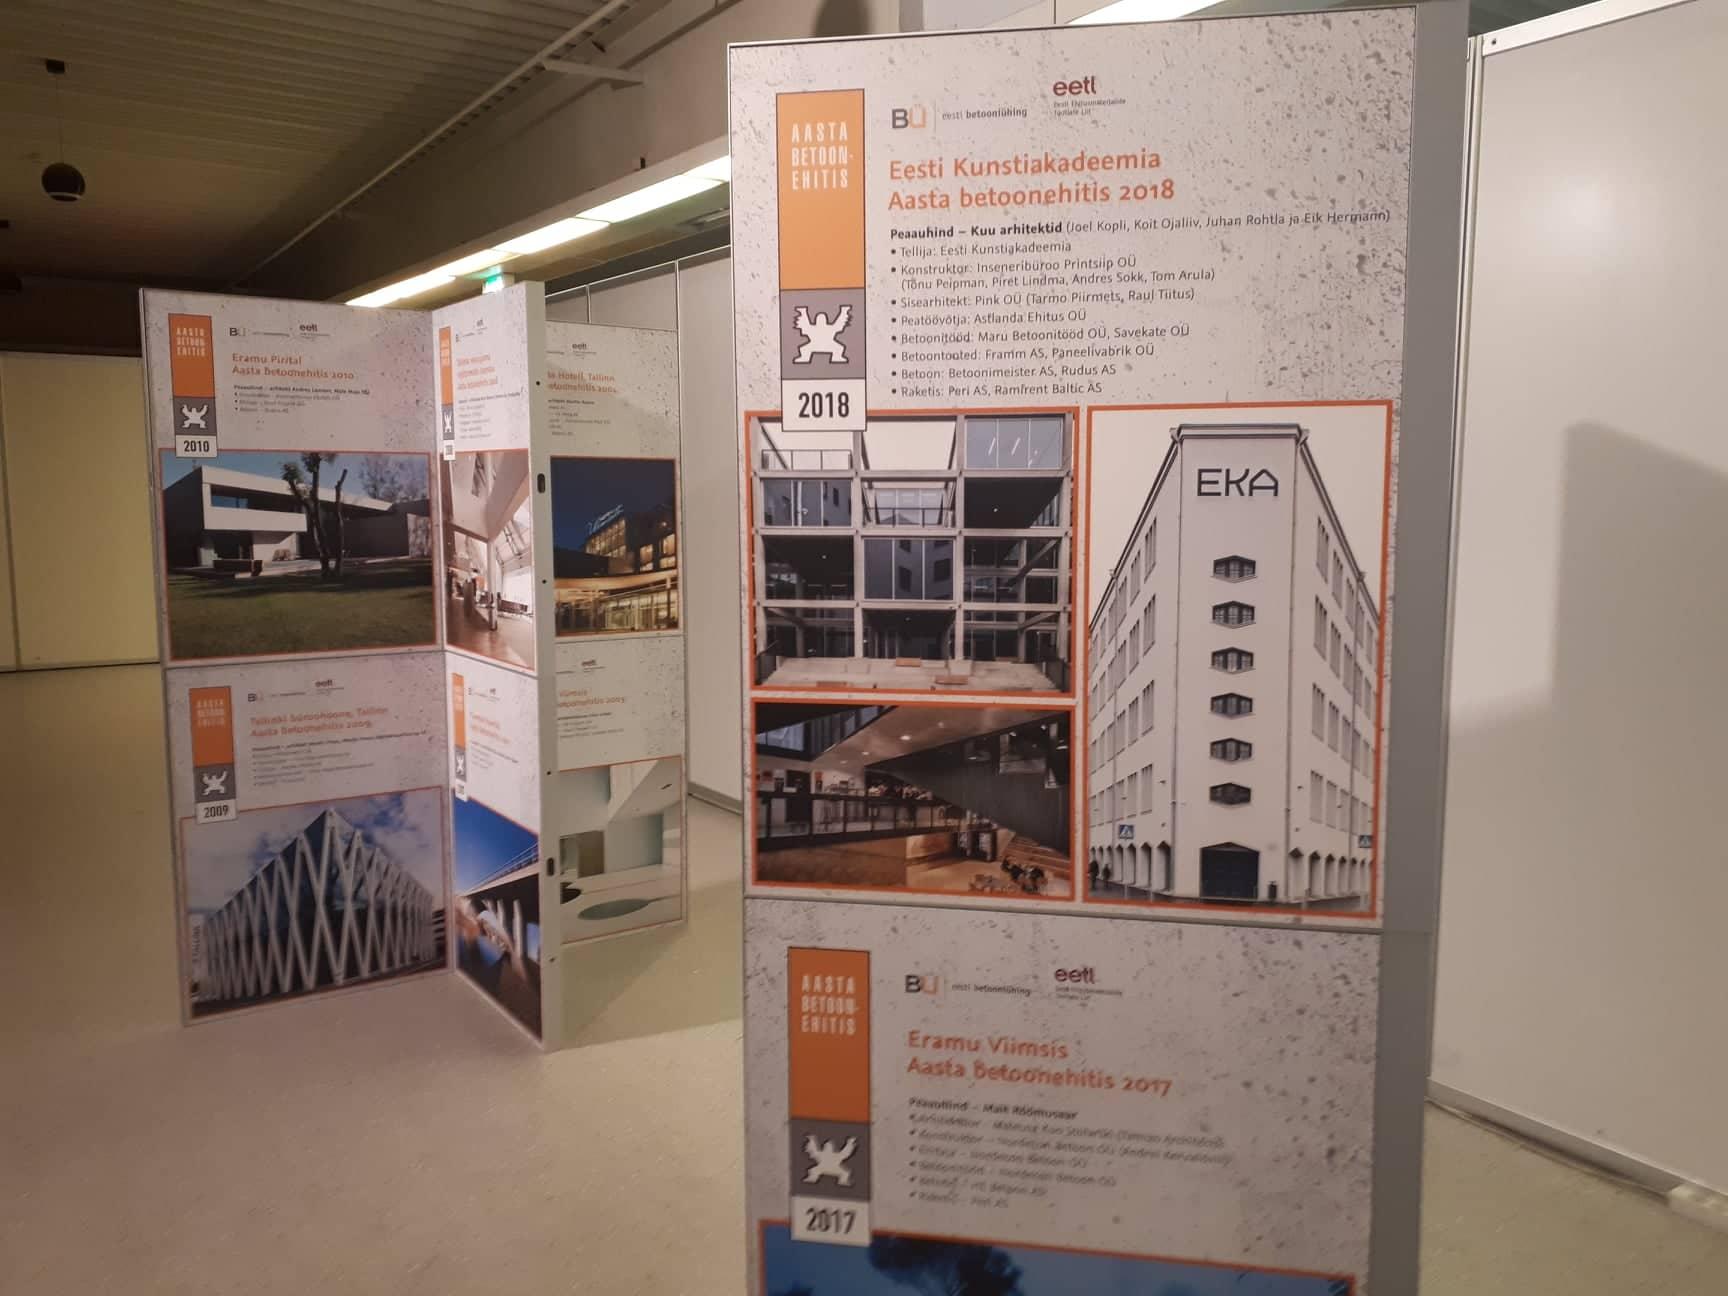 67c723637b7 See on nö Eesti ehituse moodsa ajaloo väike ülevaade; lisaks veel betooni  kui materjali tutvustav osa. Näitust saab Pärnu Keskraamatukogu  perioodikagaleriis ...